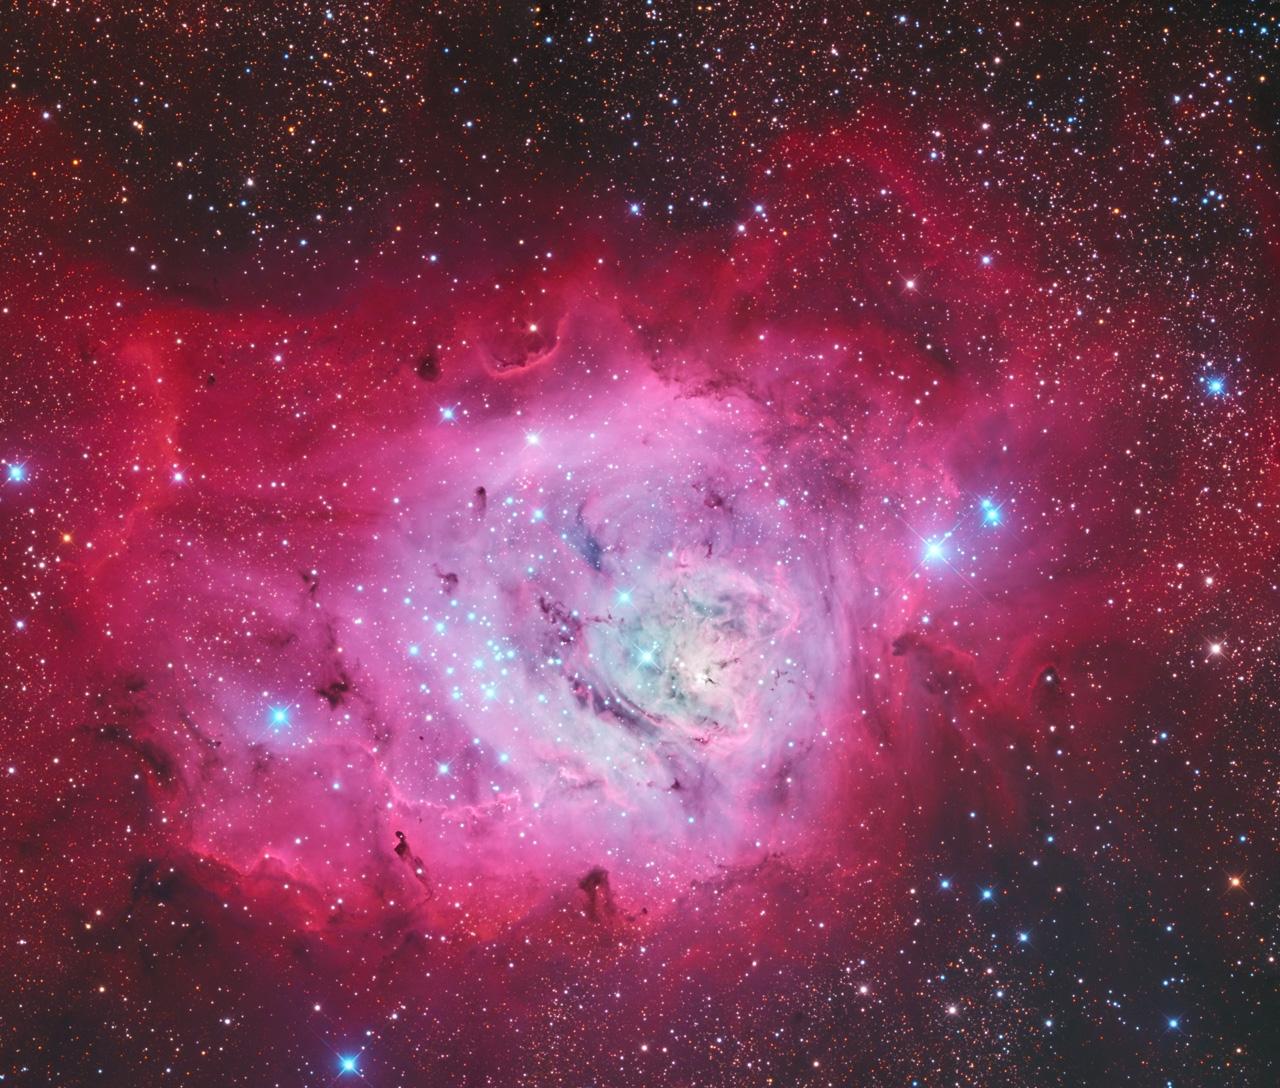 звездное небо в сентябре 2019 года. Лагуна